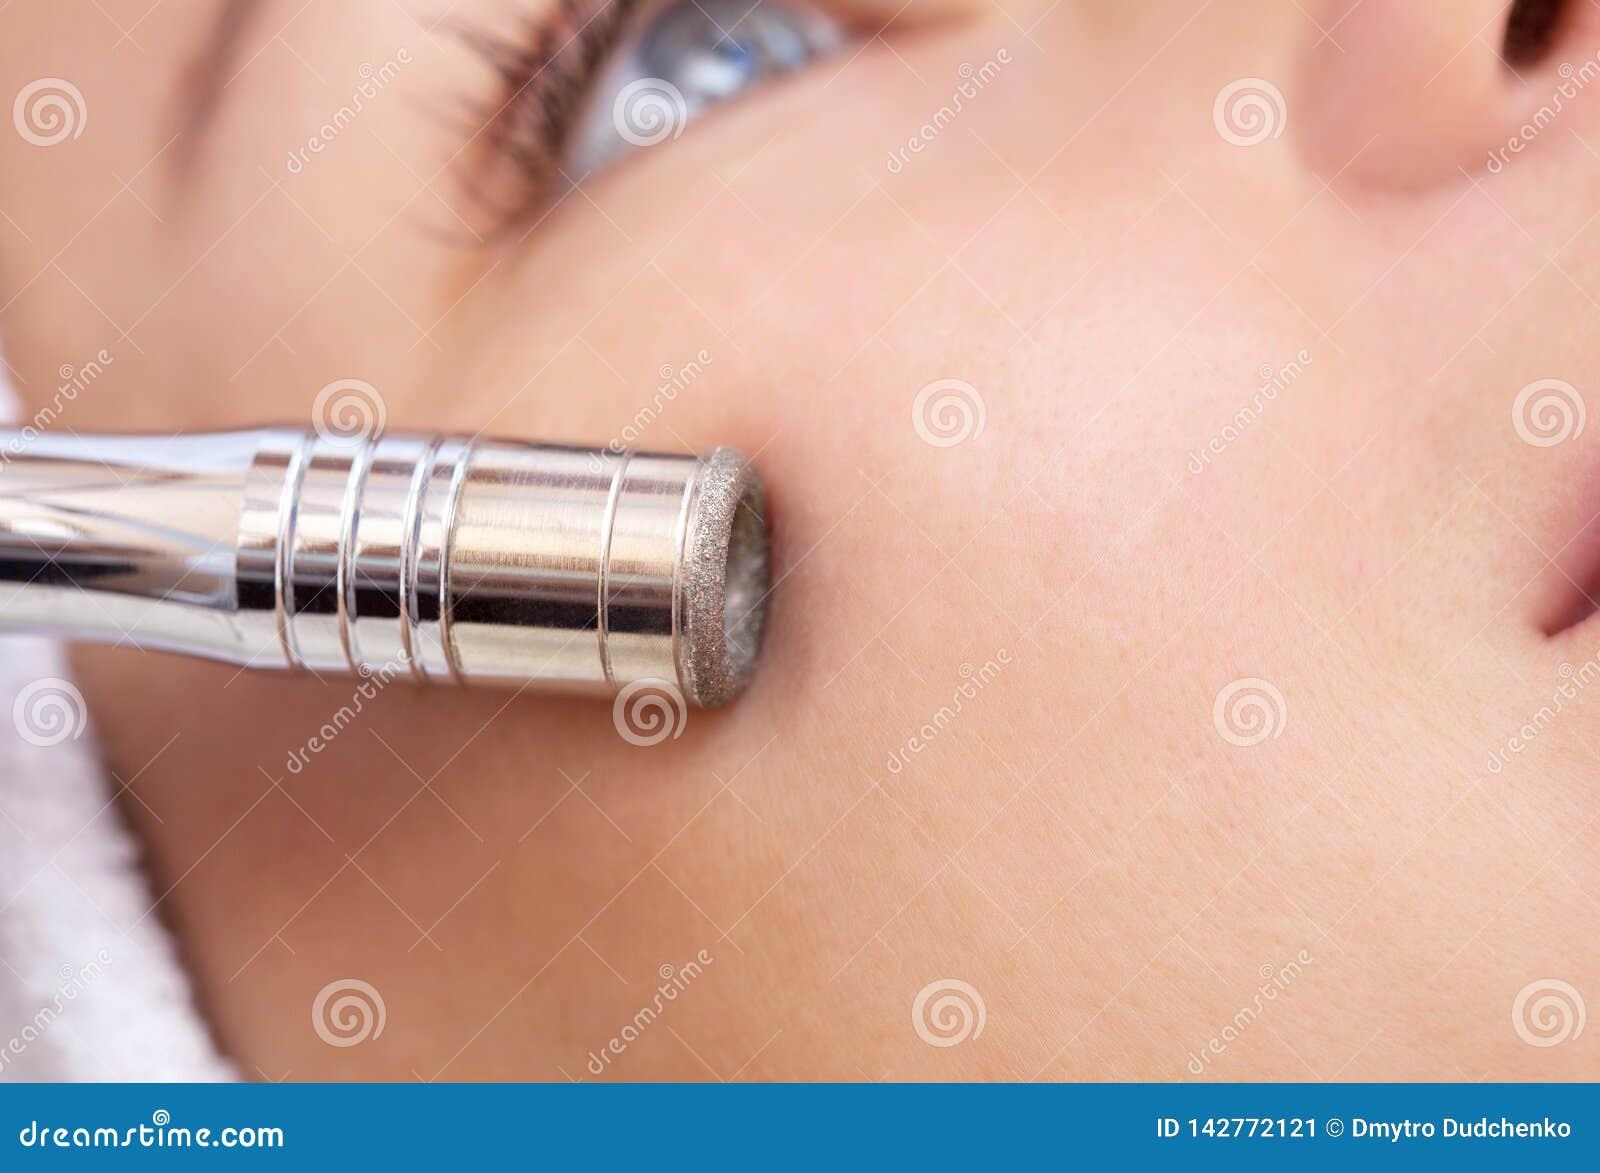 Το cosmetologist κάνει τη διαδικασία Microdermabrasion του του προσώπου δέρματος μιας όμορφης, νέας γυναίκας σε ένα σαλόνι ομορφι